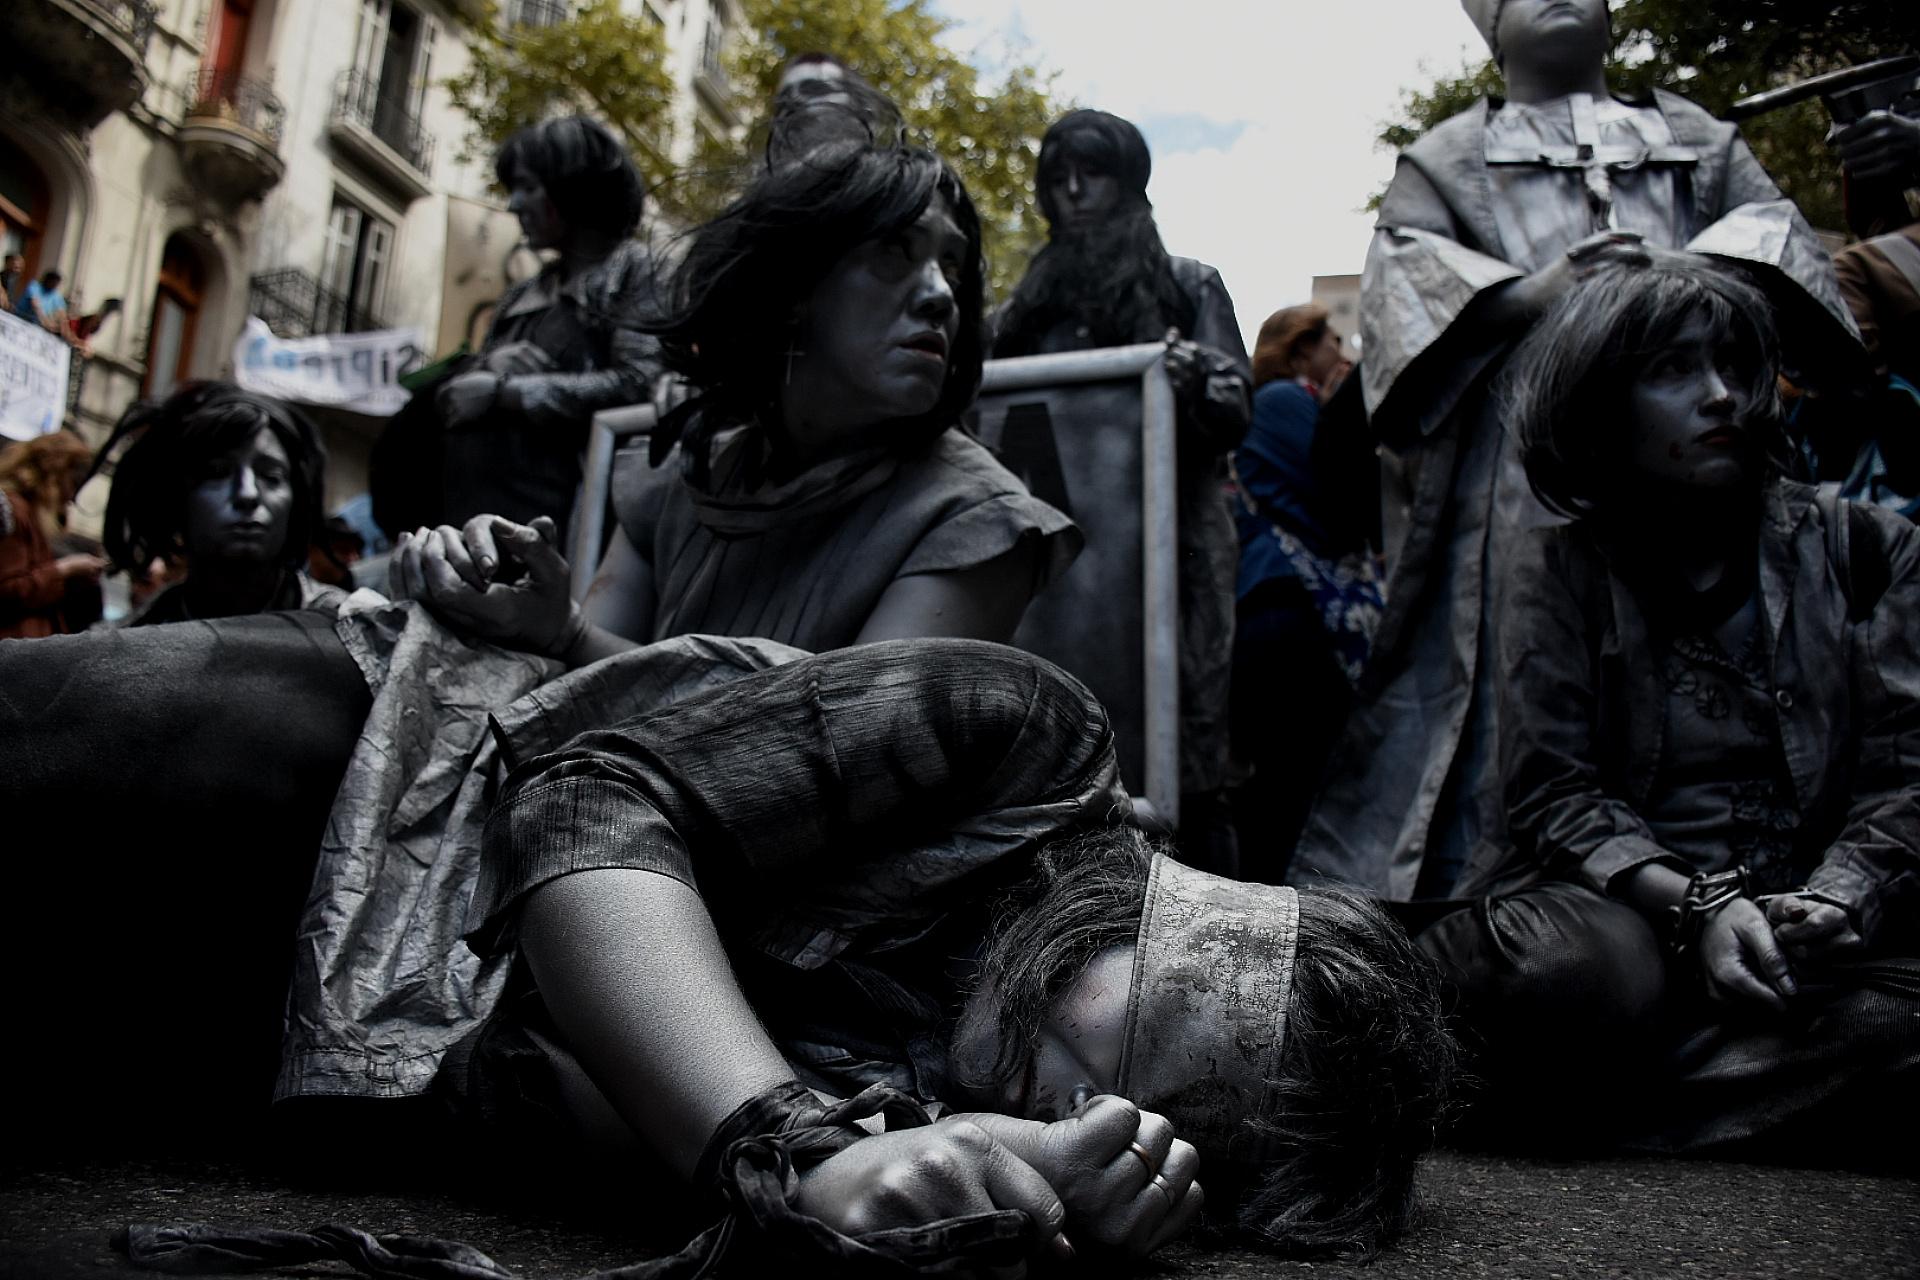 Una expresión artística recordando lo sucedido durante la dictadura militar